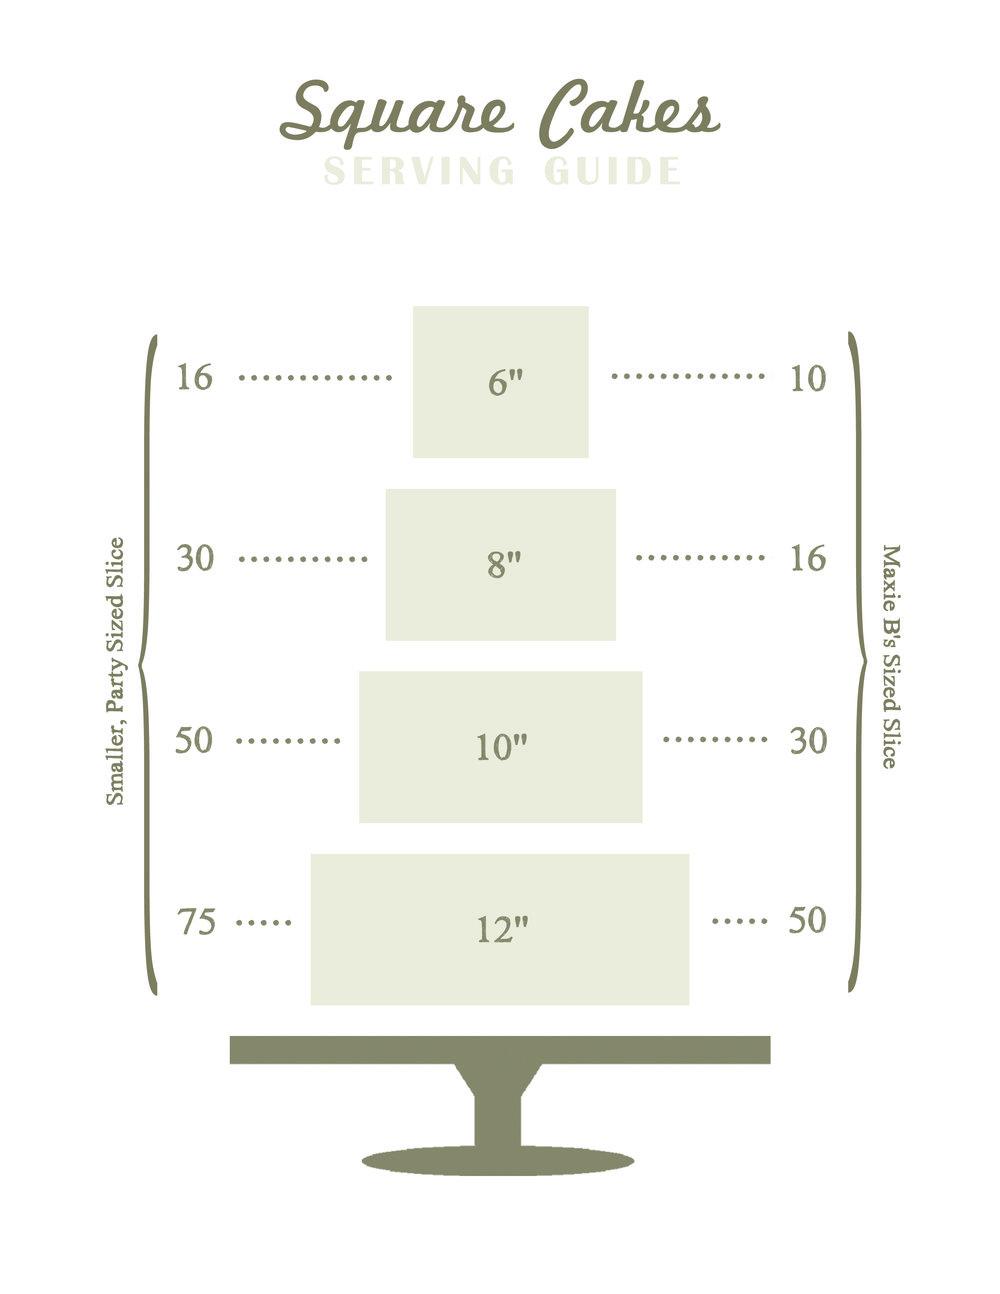 square cake serving guide 2018.jpg